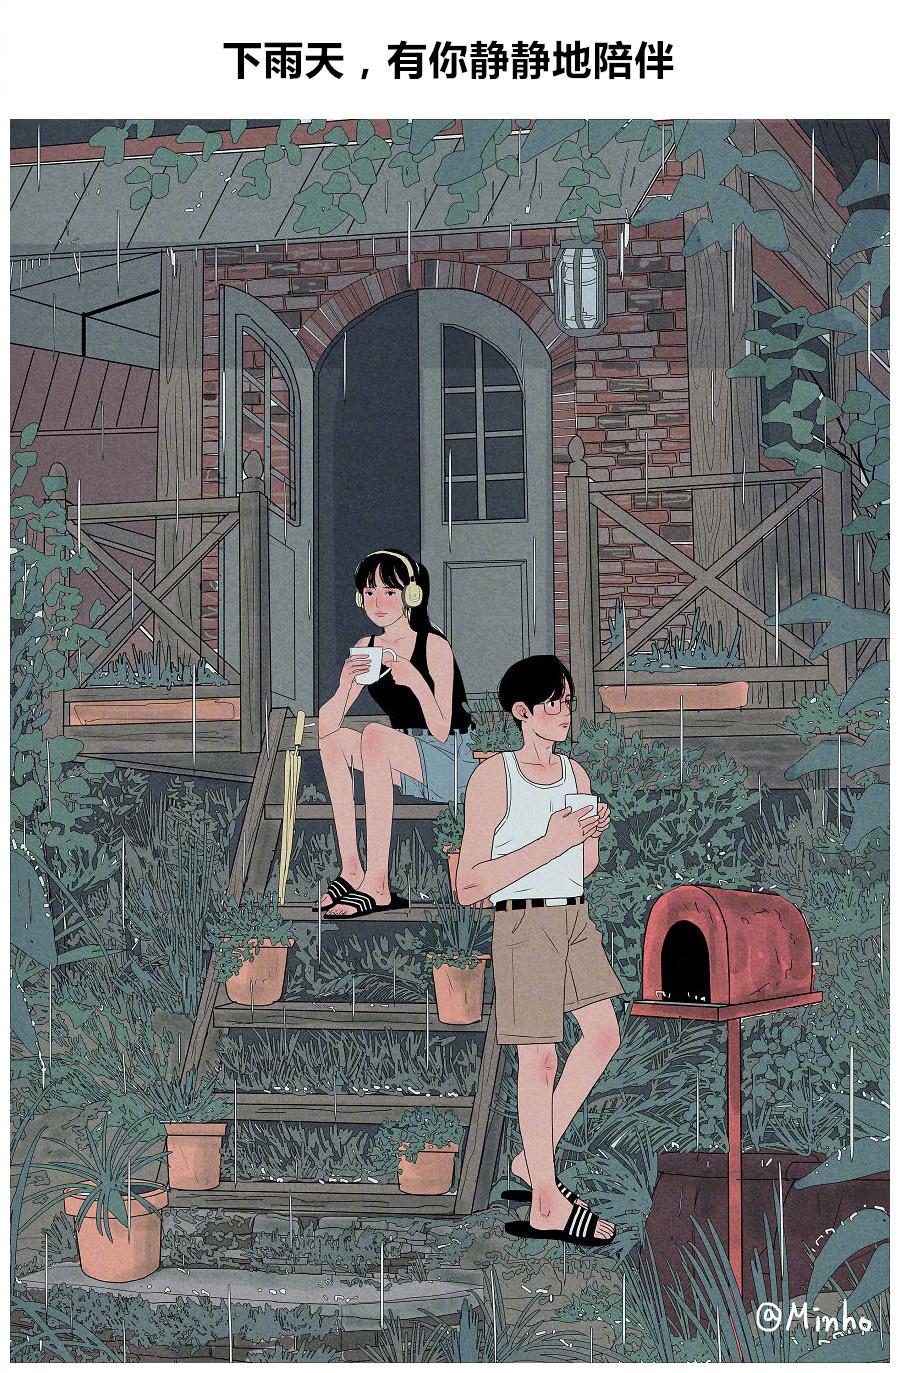 漫画笔Myeong-Minho画师下一对漫画甜甜的恋俘虏情侣图片